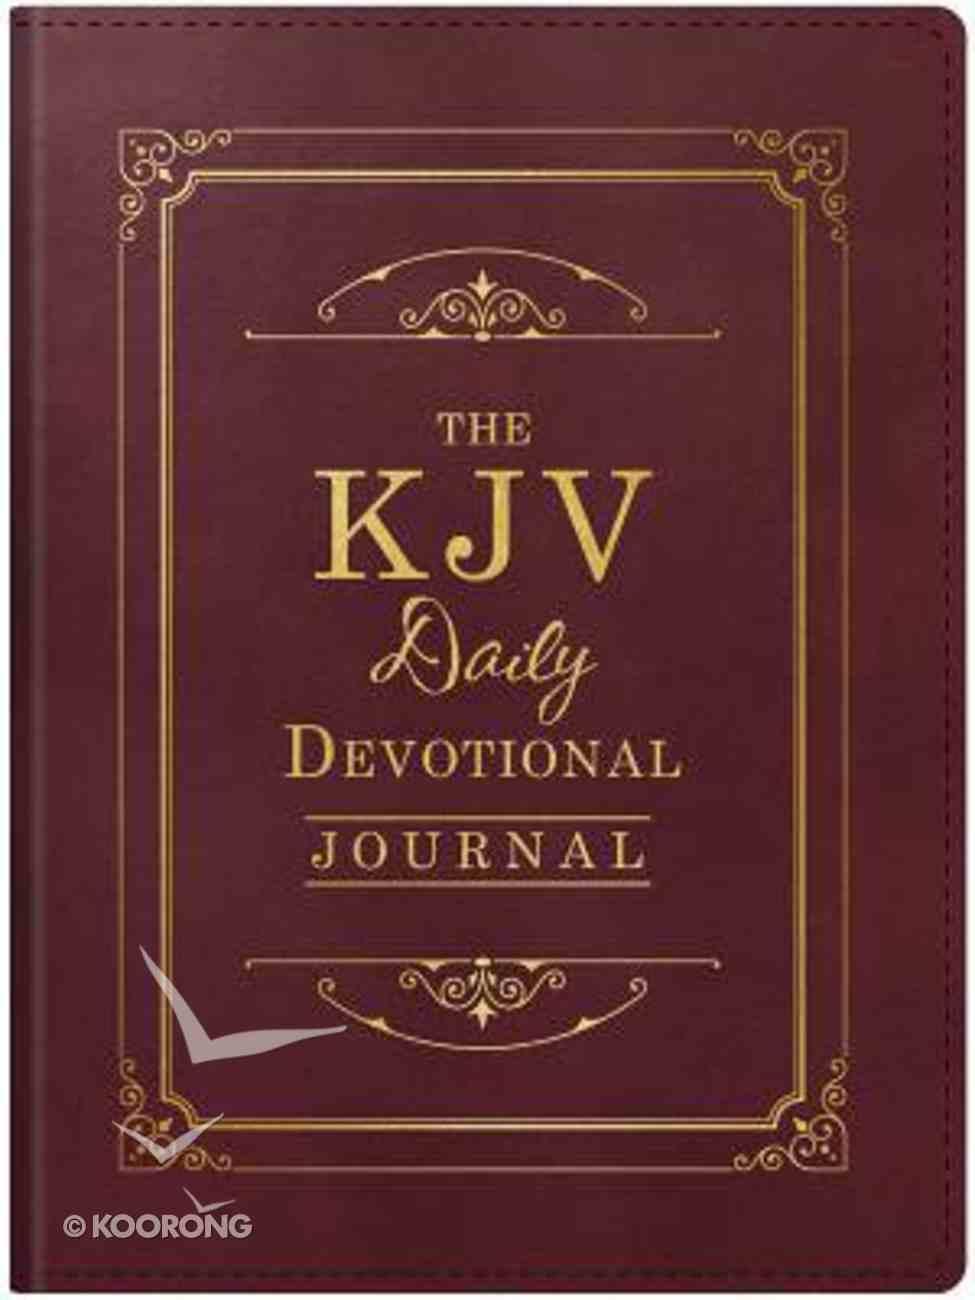 The KJV Daily Devotional Journal Paperback